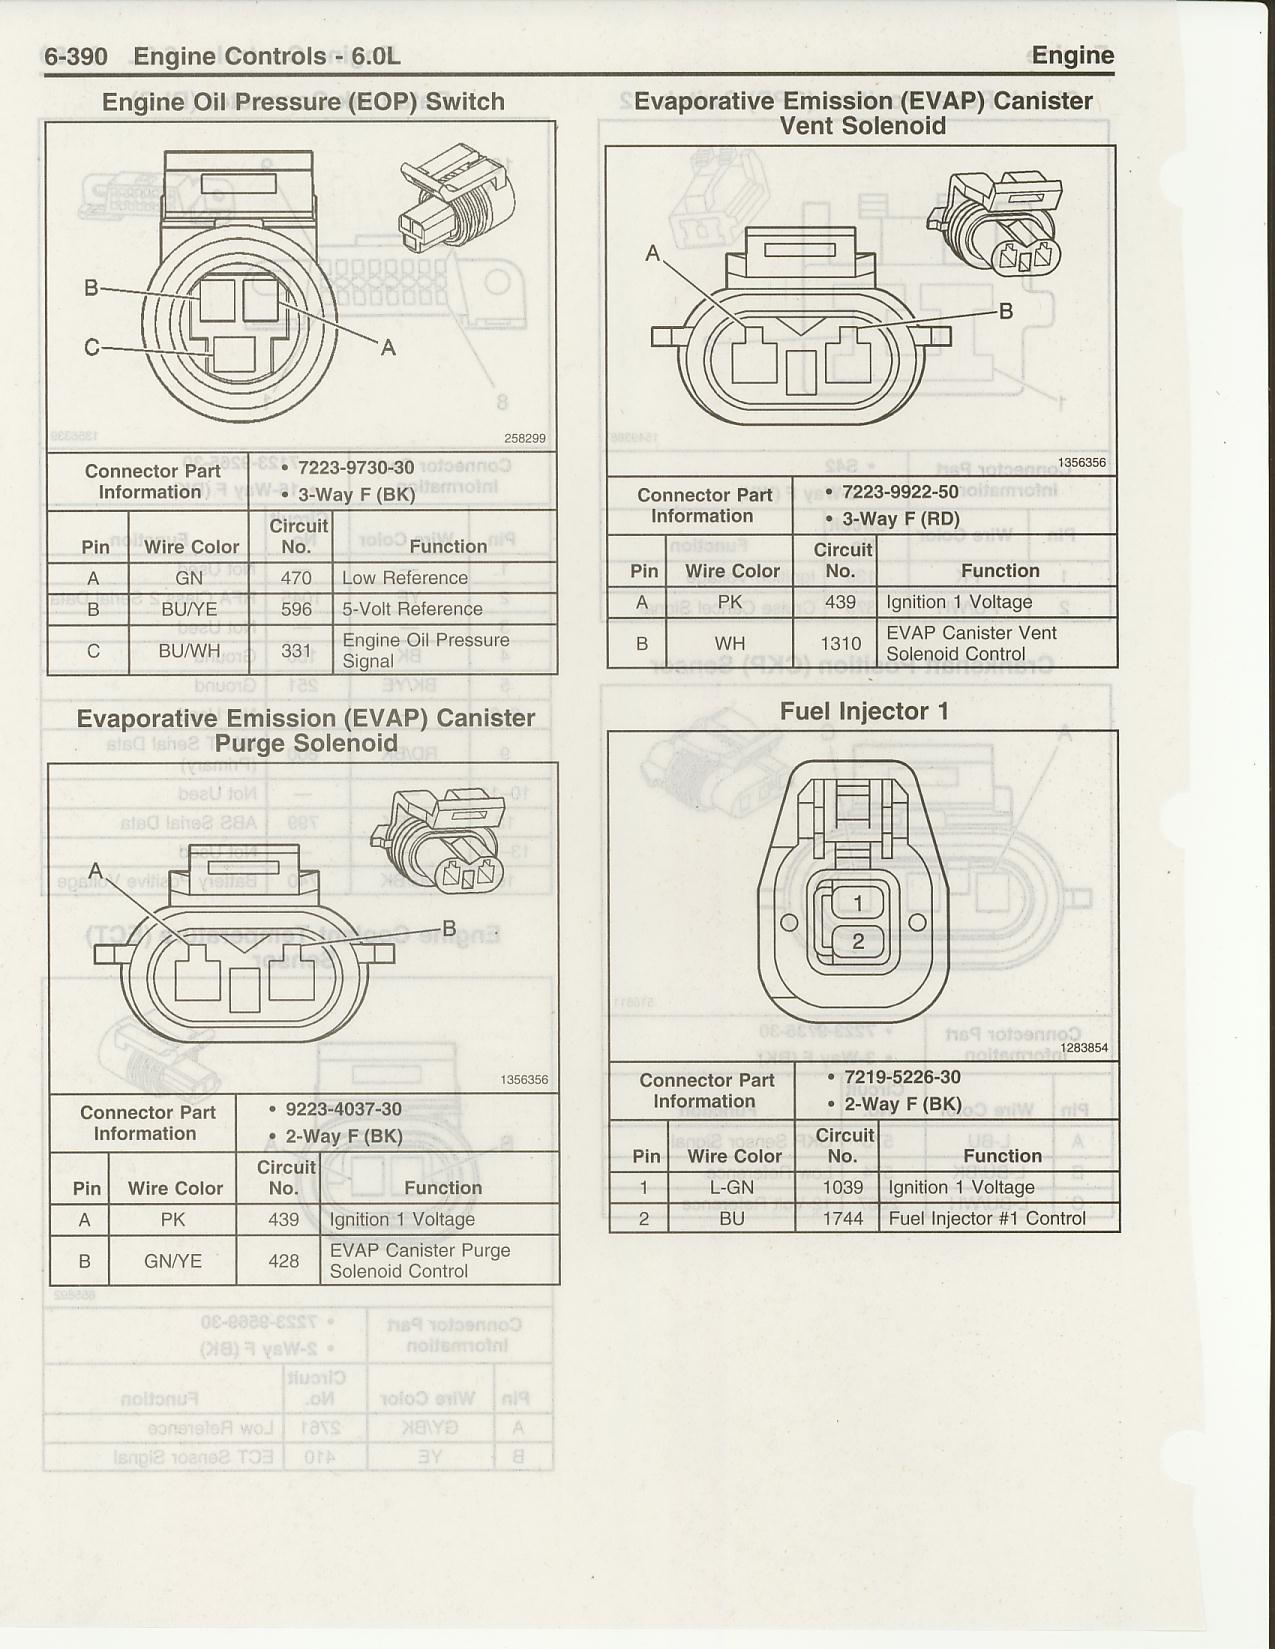 hight resolution of engine oil pressure evap purge evap vent fuel inj 1